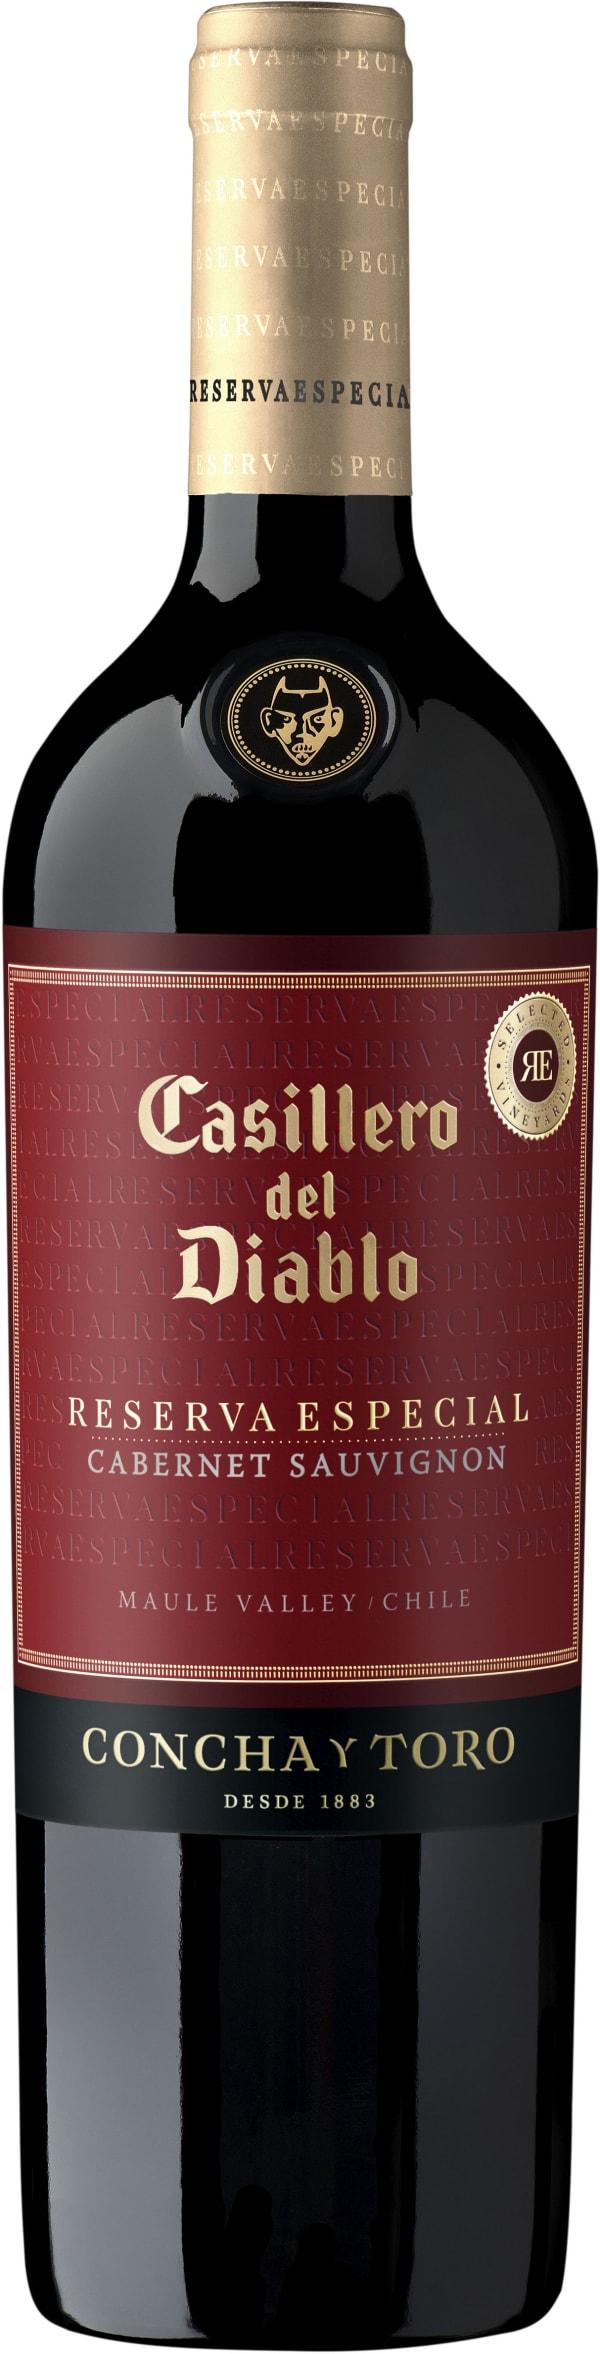 Casillero del Diablo Reserva Especial Cabernet Sauvignon 2018